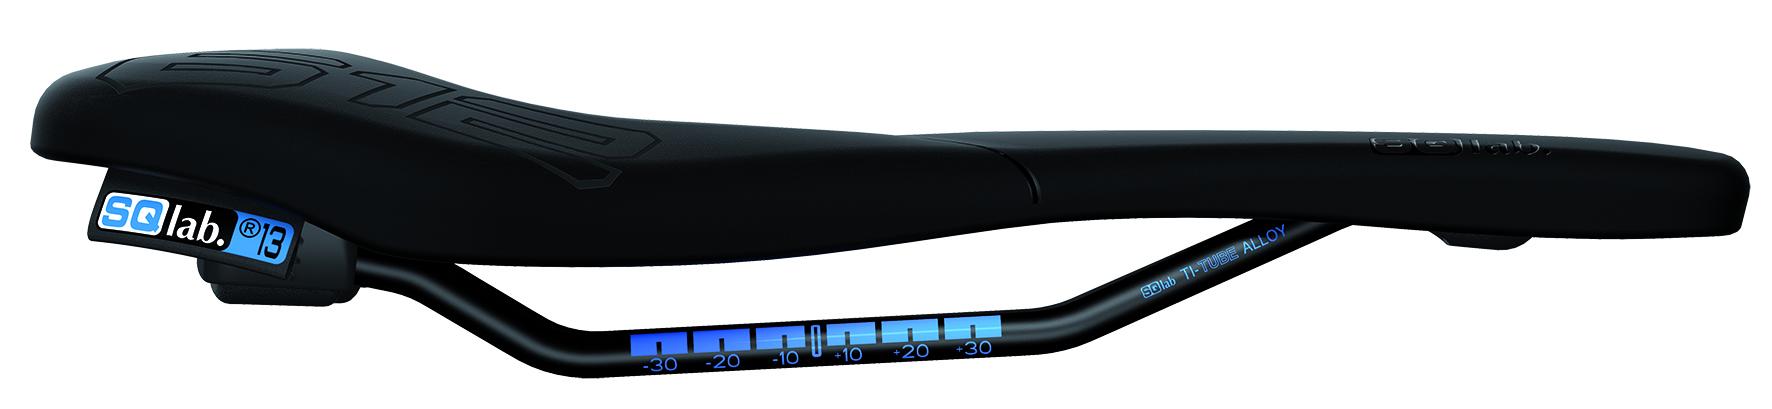 SPORTLICHES HECK - Das hochgezogene Heck ergibt mehr Halt nach hinten und sorgt für eine effizientere Kraftübertragung.